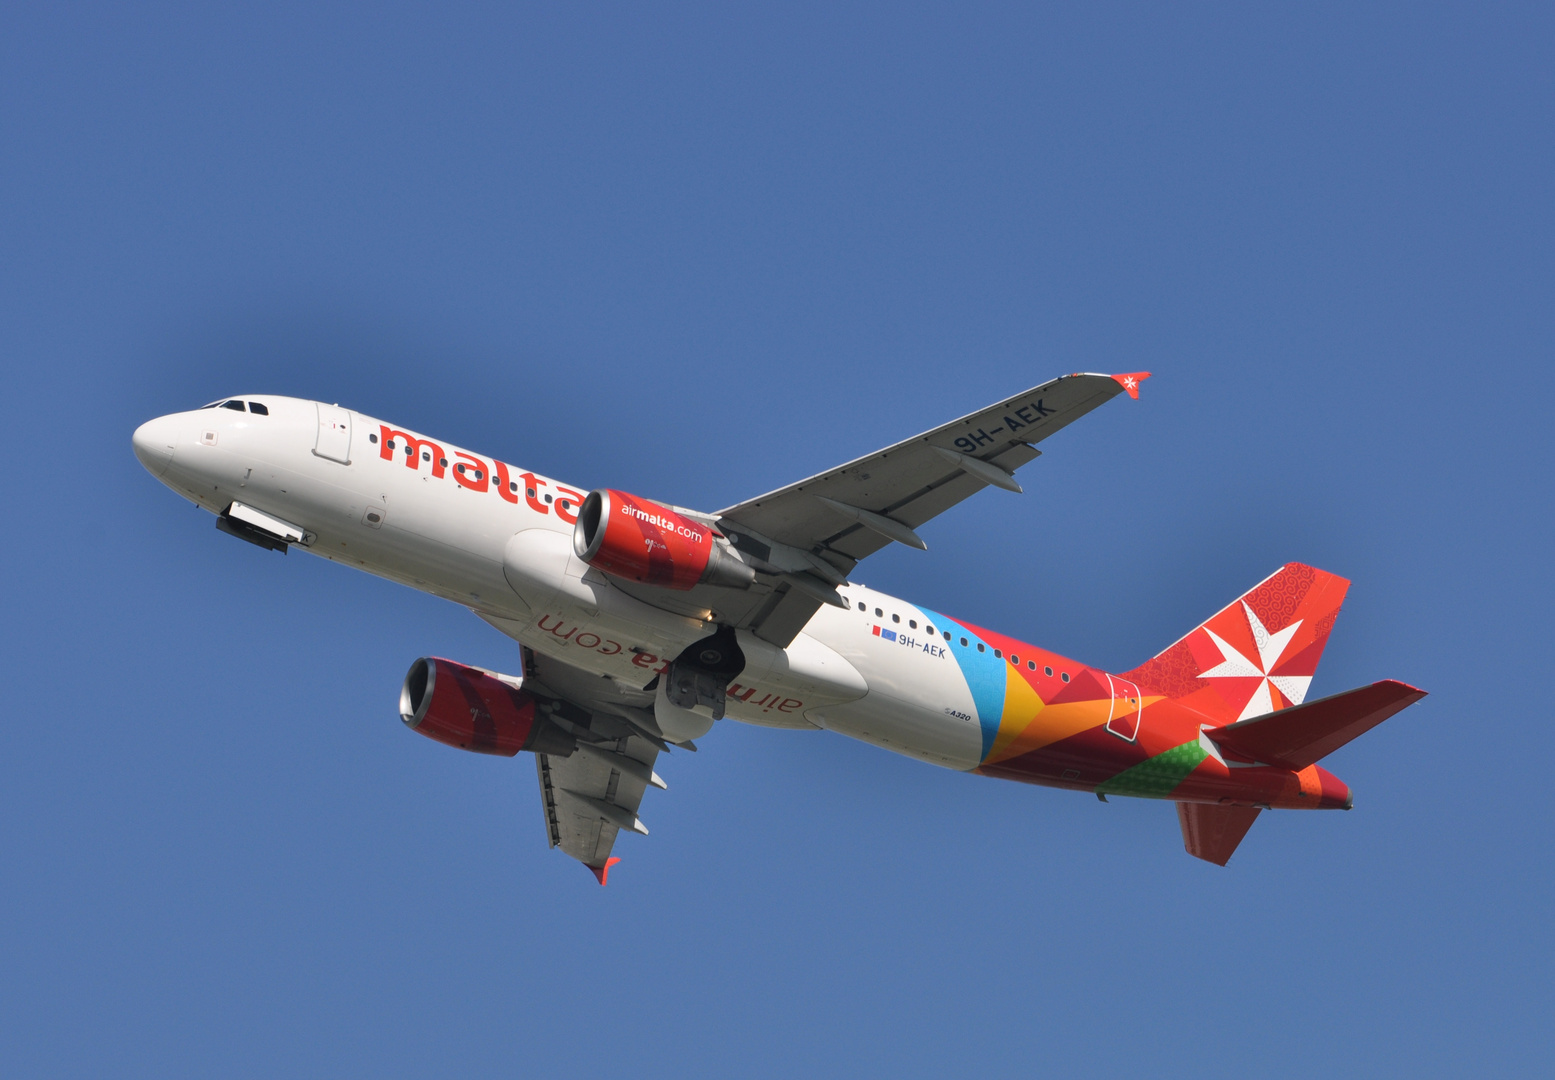 Air Malta 9H-AEK